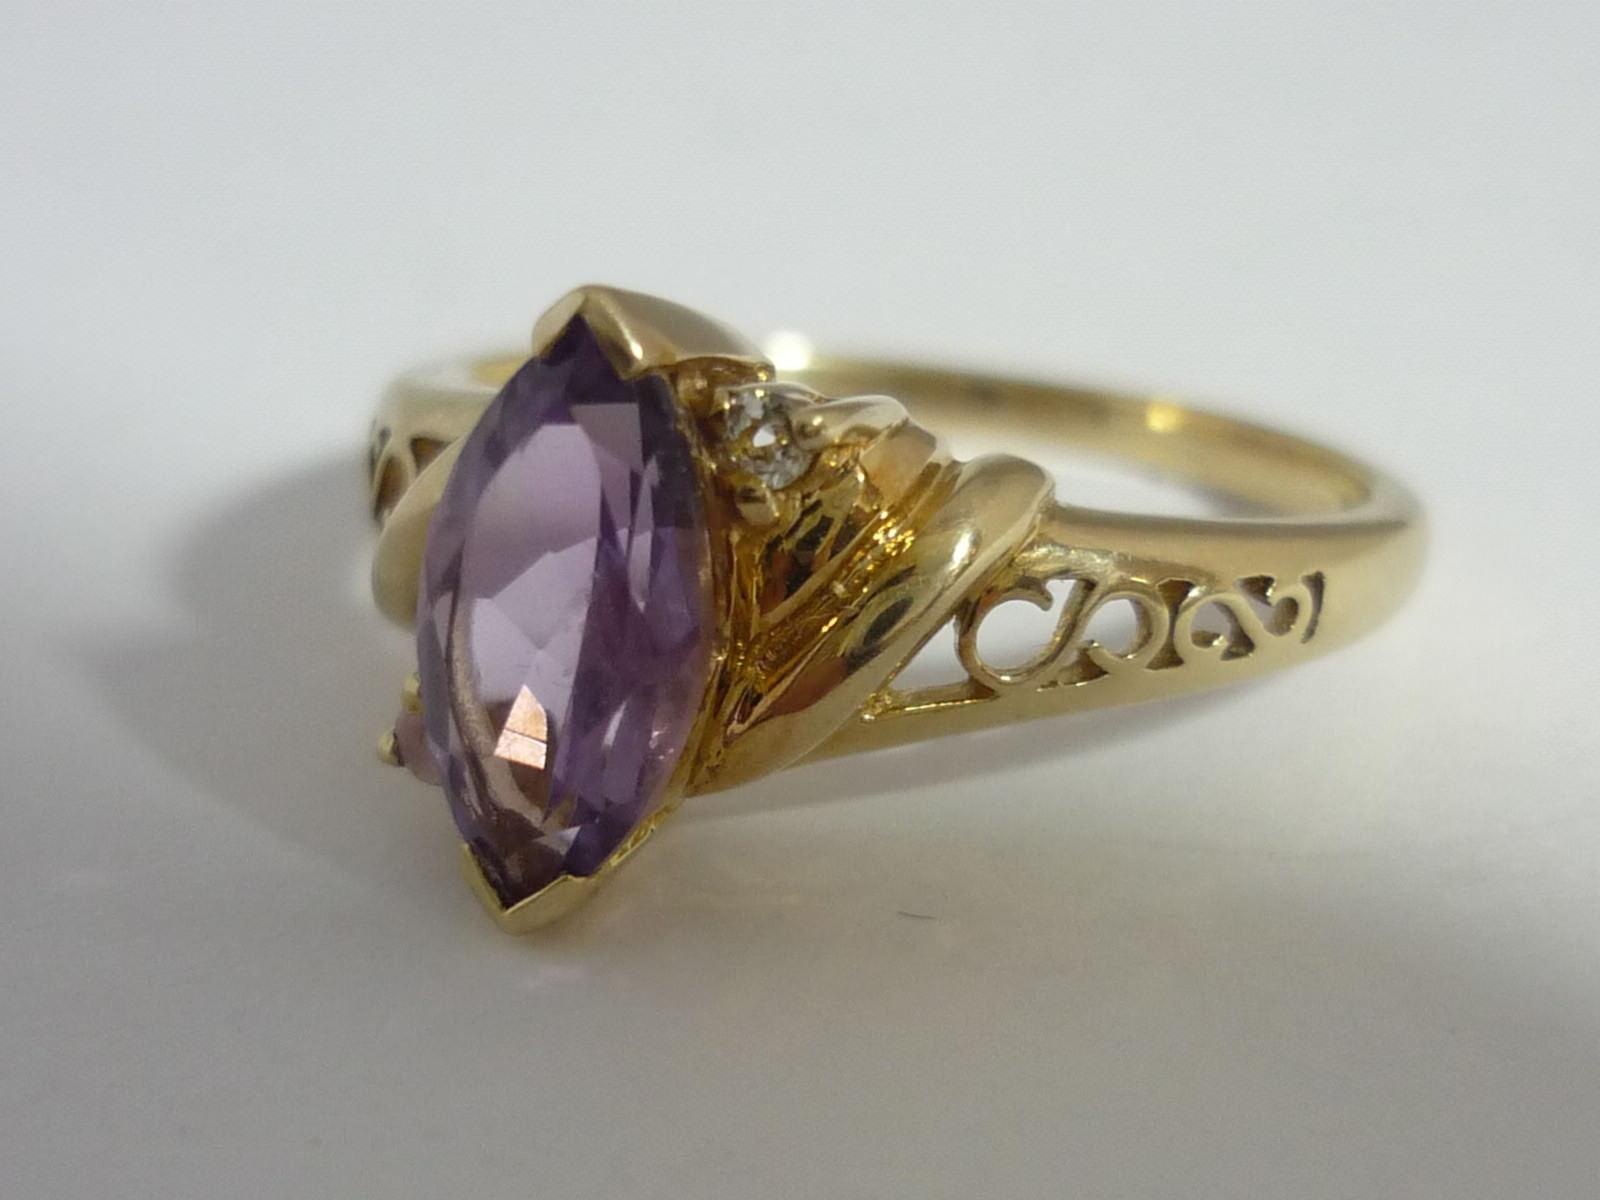 Stunning Amethyst & White Topaz 9K White Gold Ring Size N 1/2 https://t.co/jP8AR2EeeY https://t.co/vwAjx4OggG